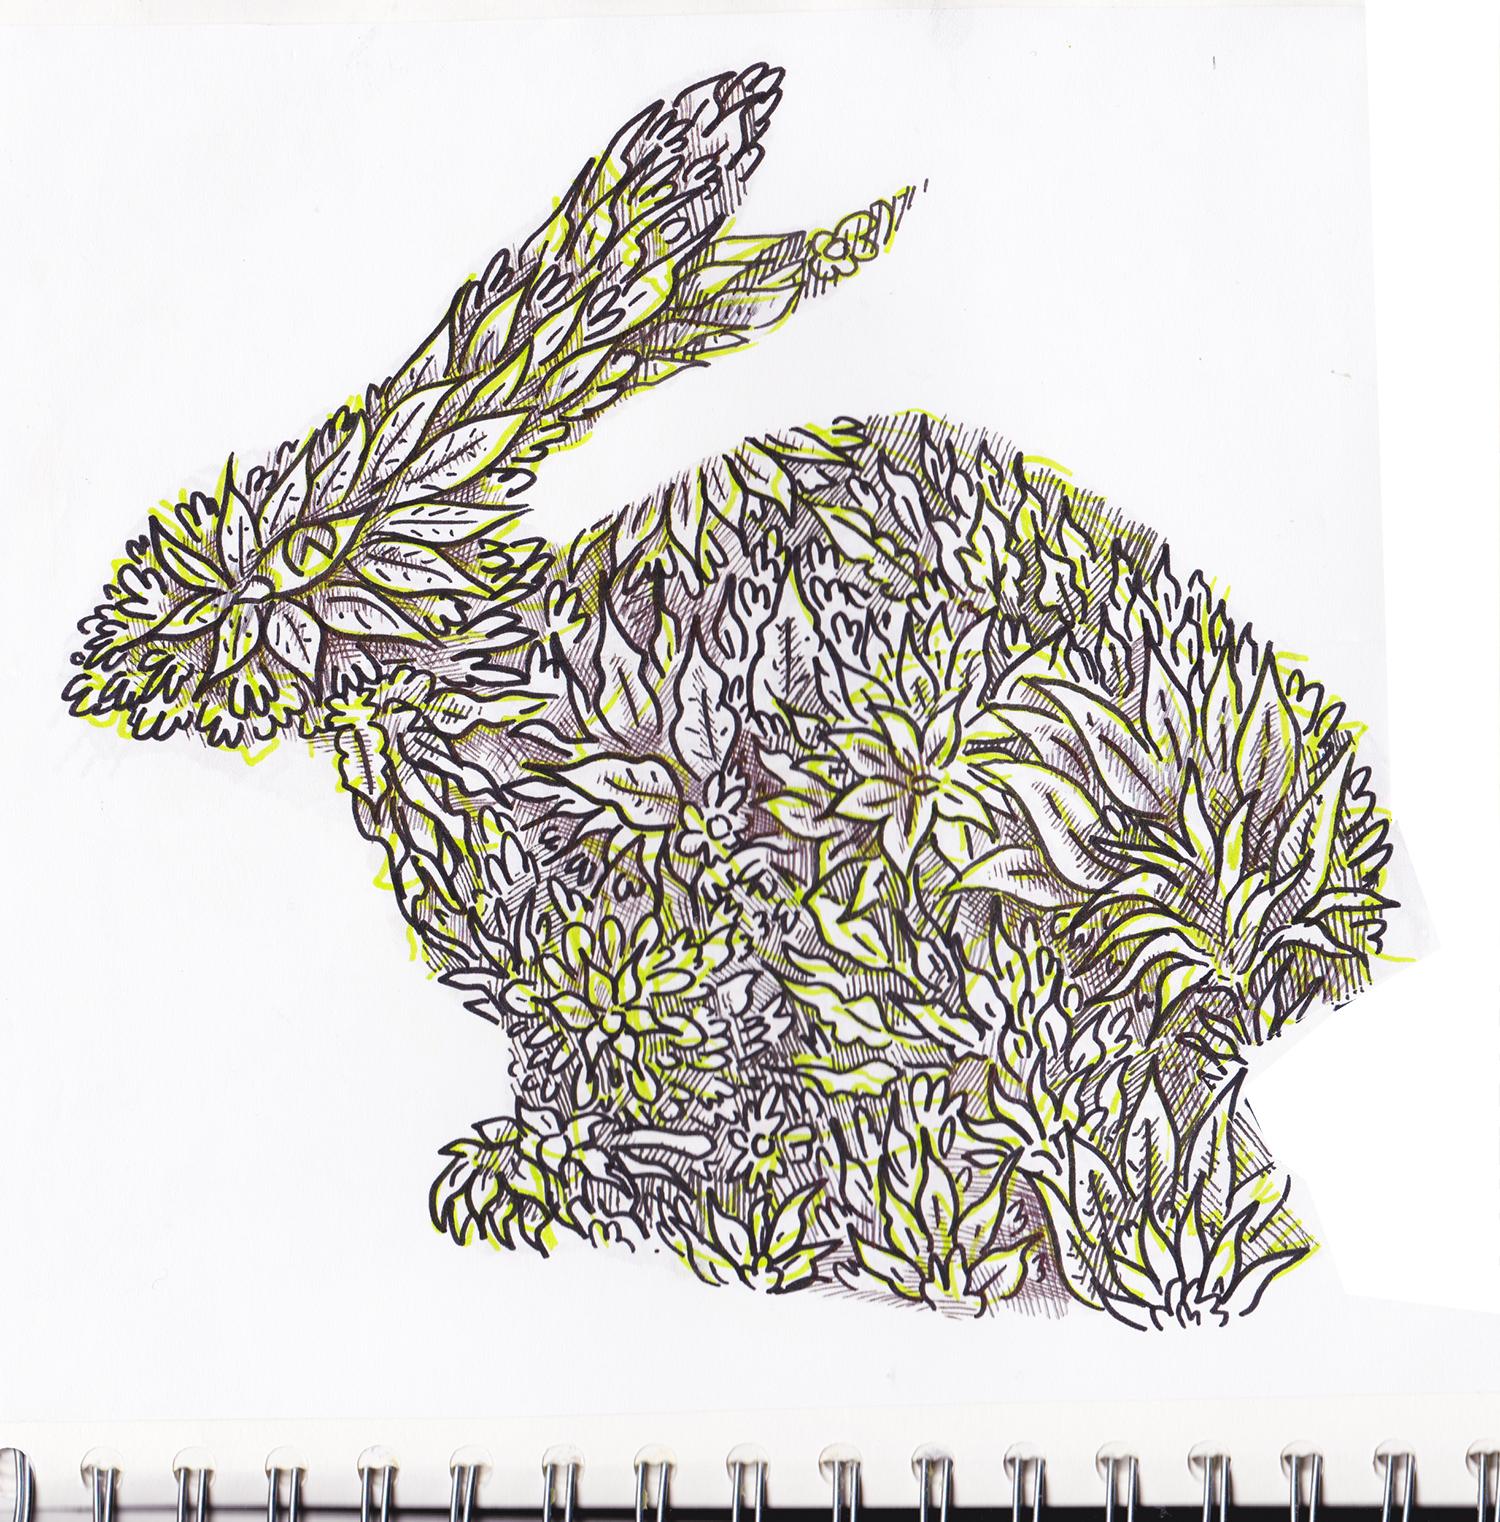 bunny bunny rabbit 2 copy.jpg